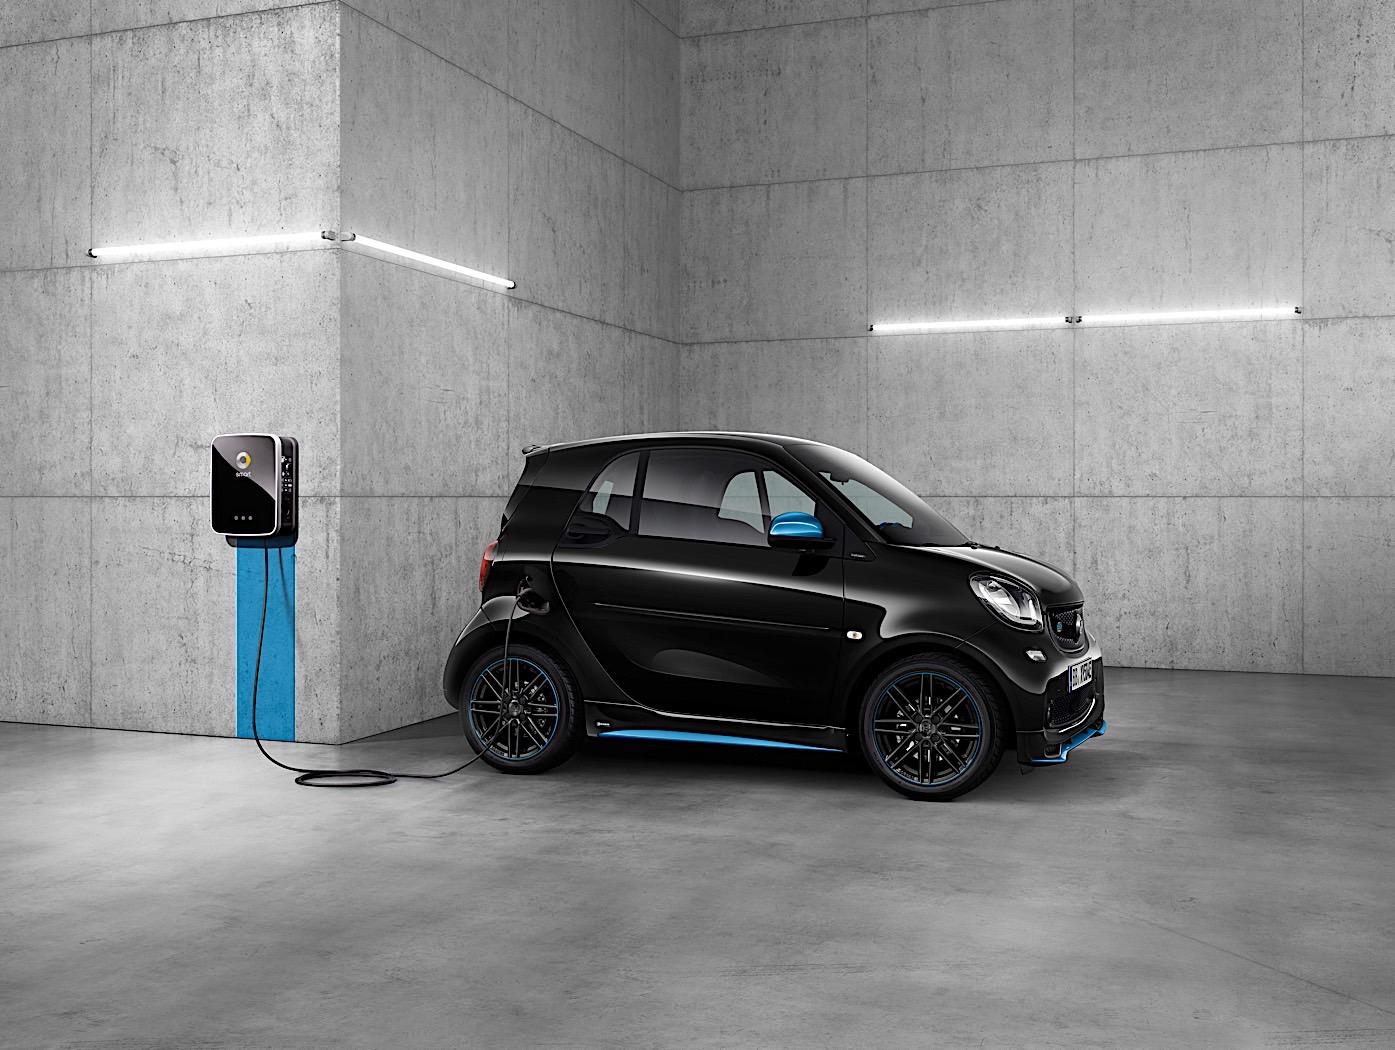 Daimler (DAI) PT Set at €92.00 by UBS